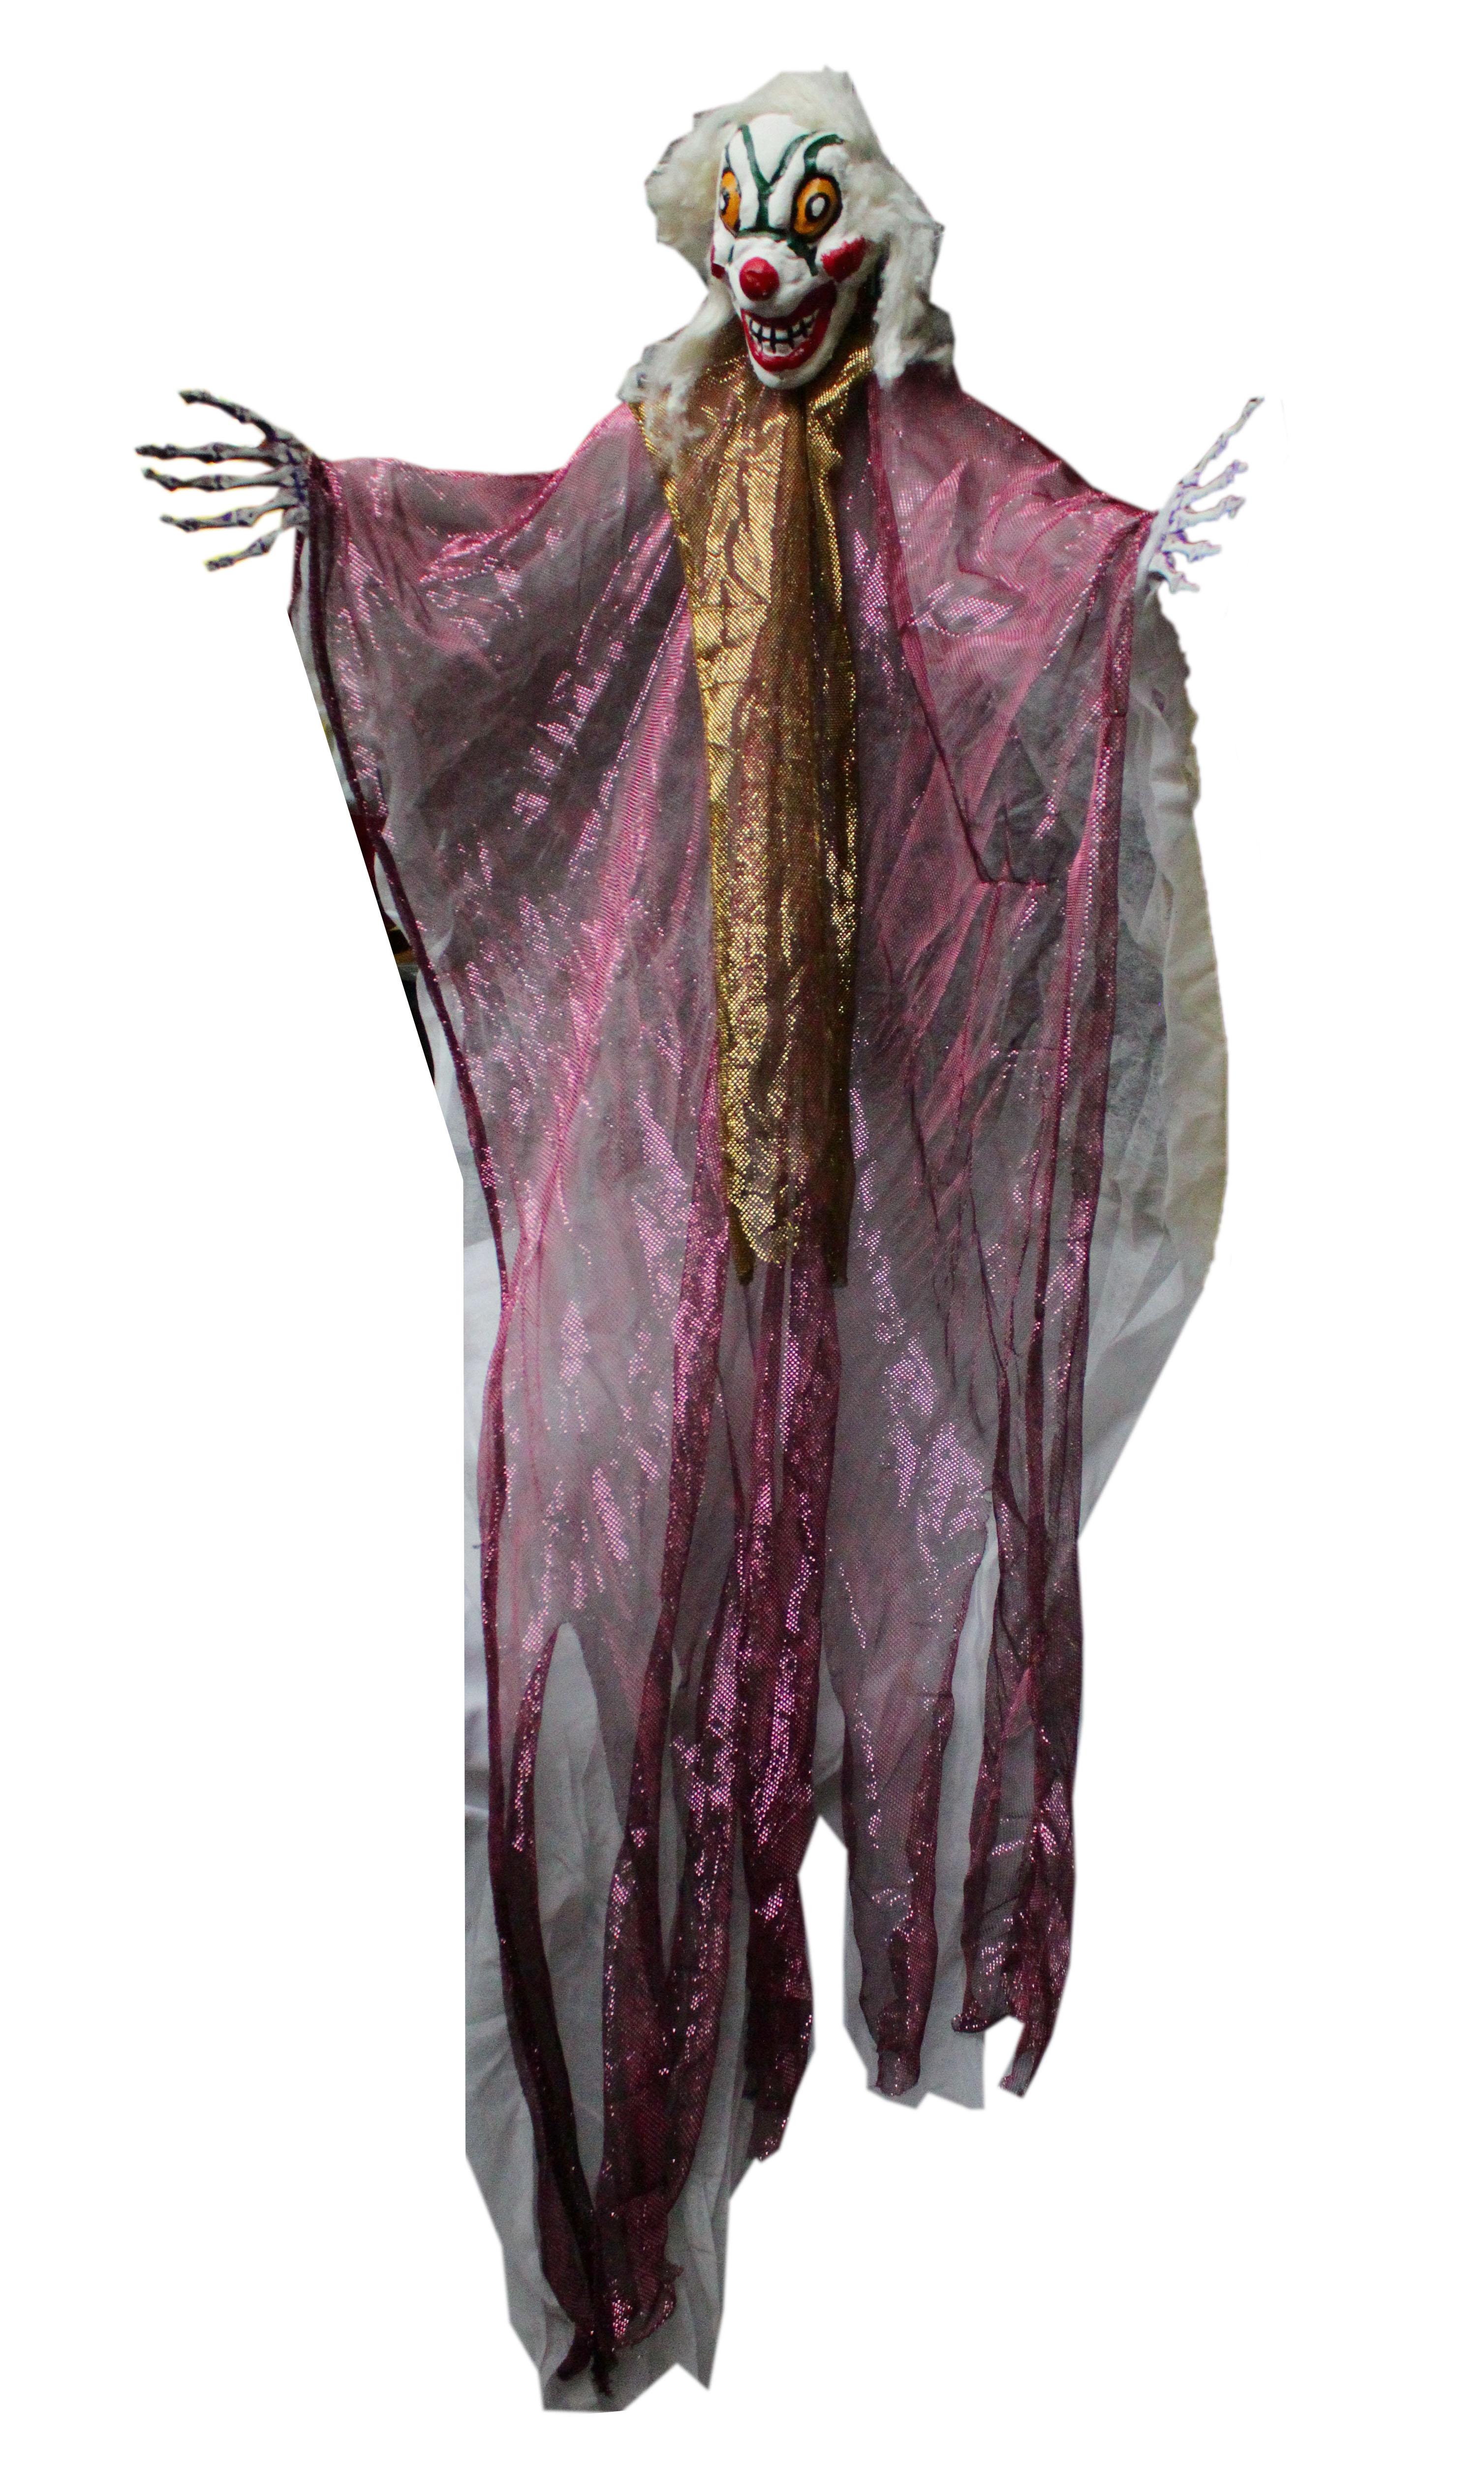 Декорация Жуткий клоун (UNI) -  Аксессуары на Хэллоуин